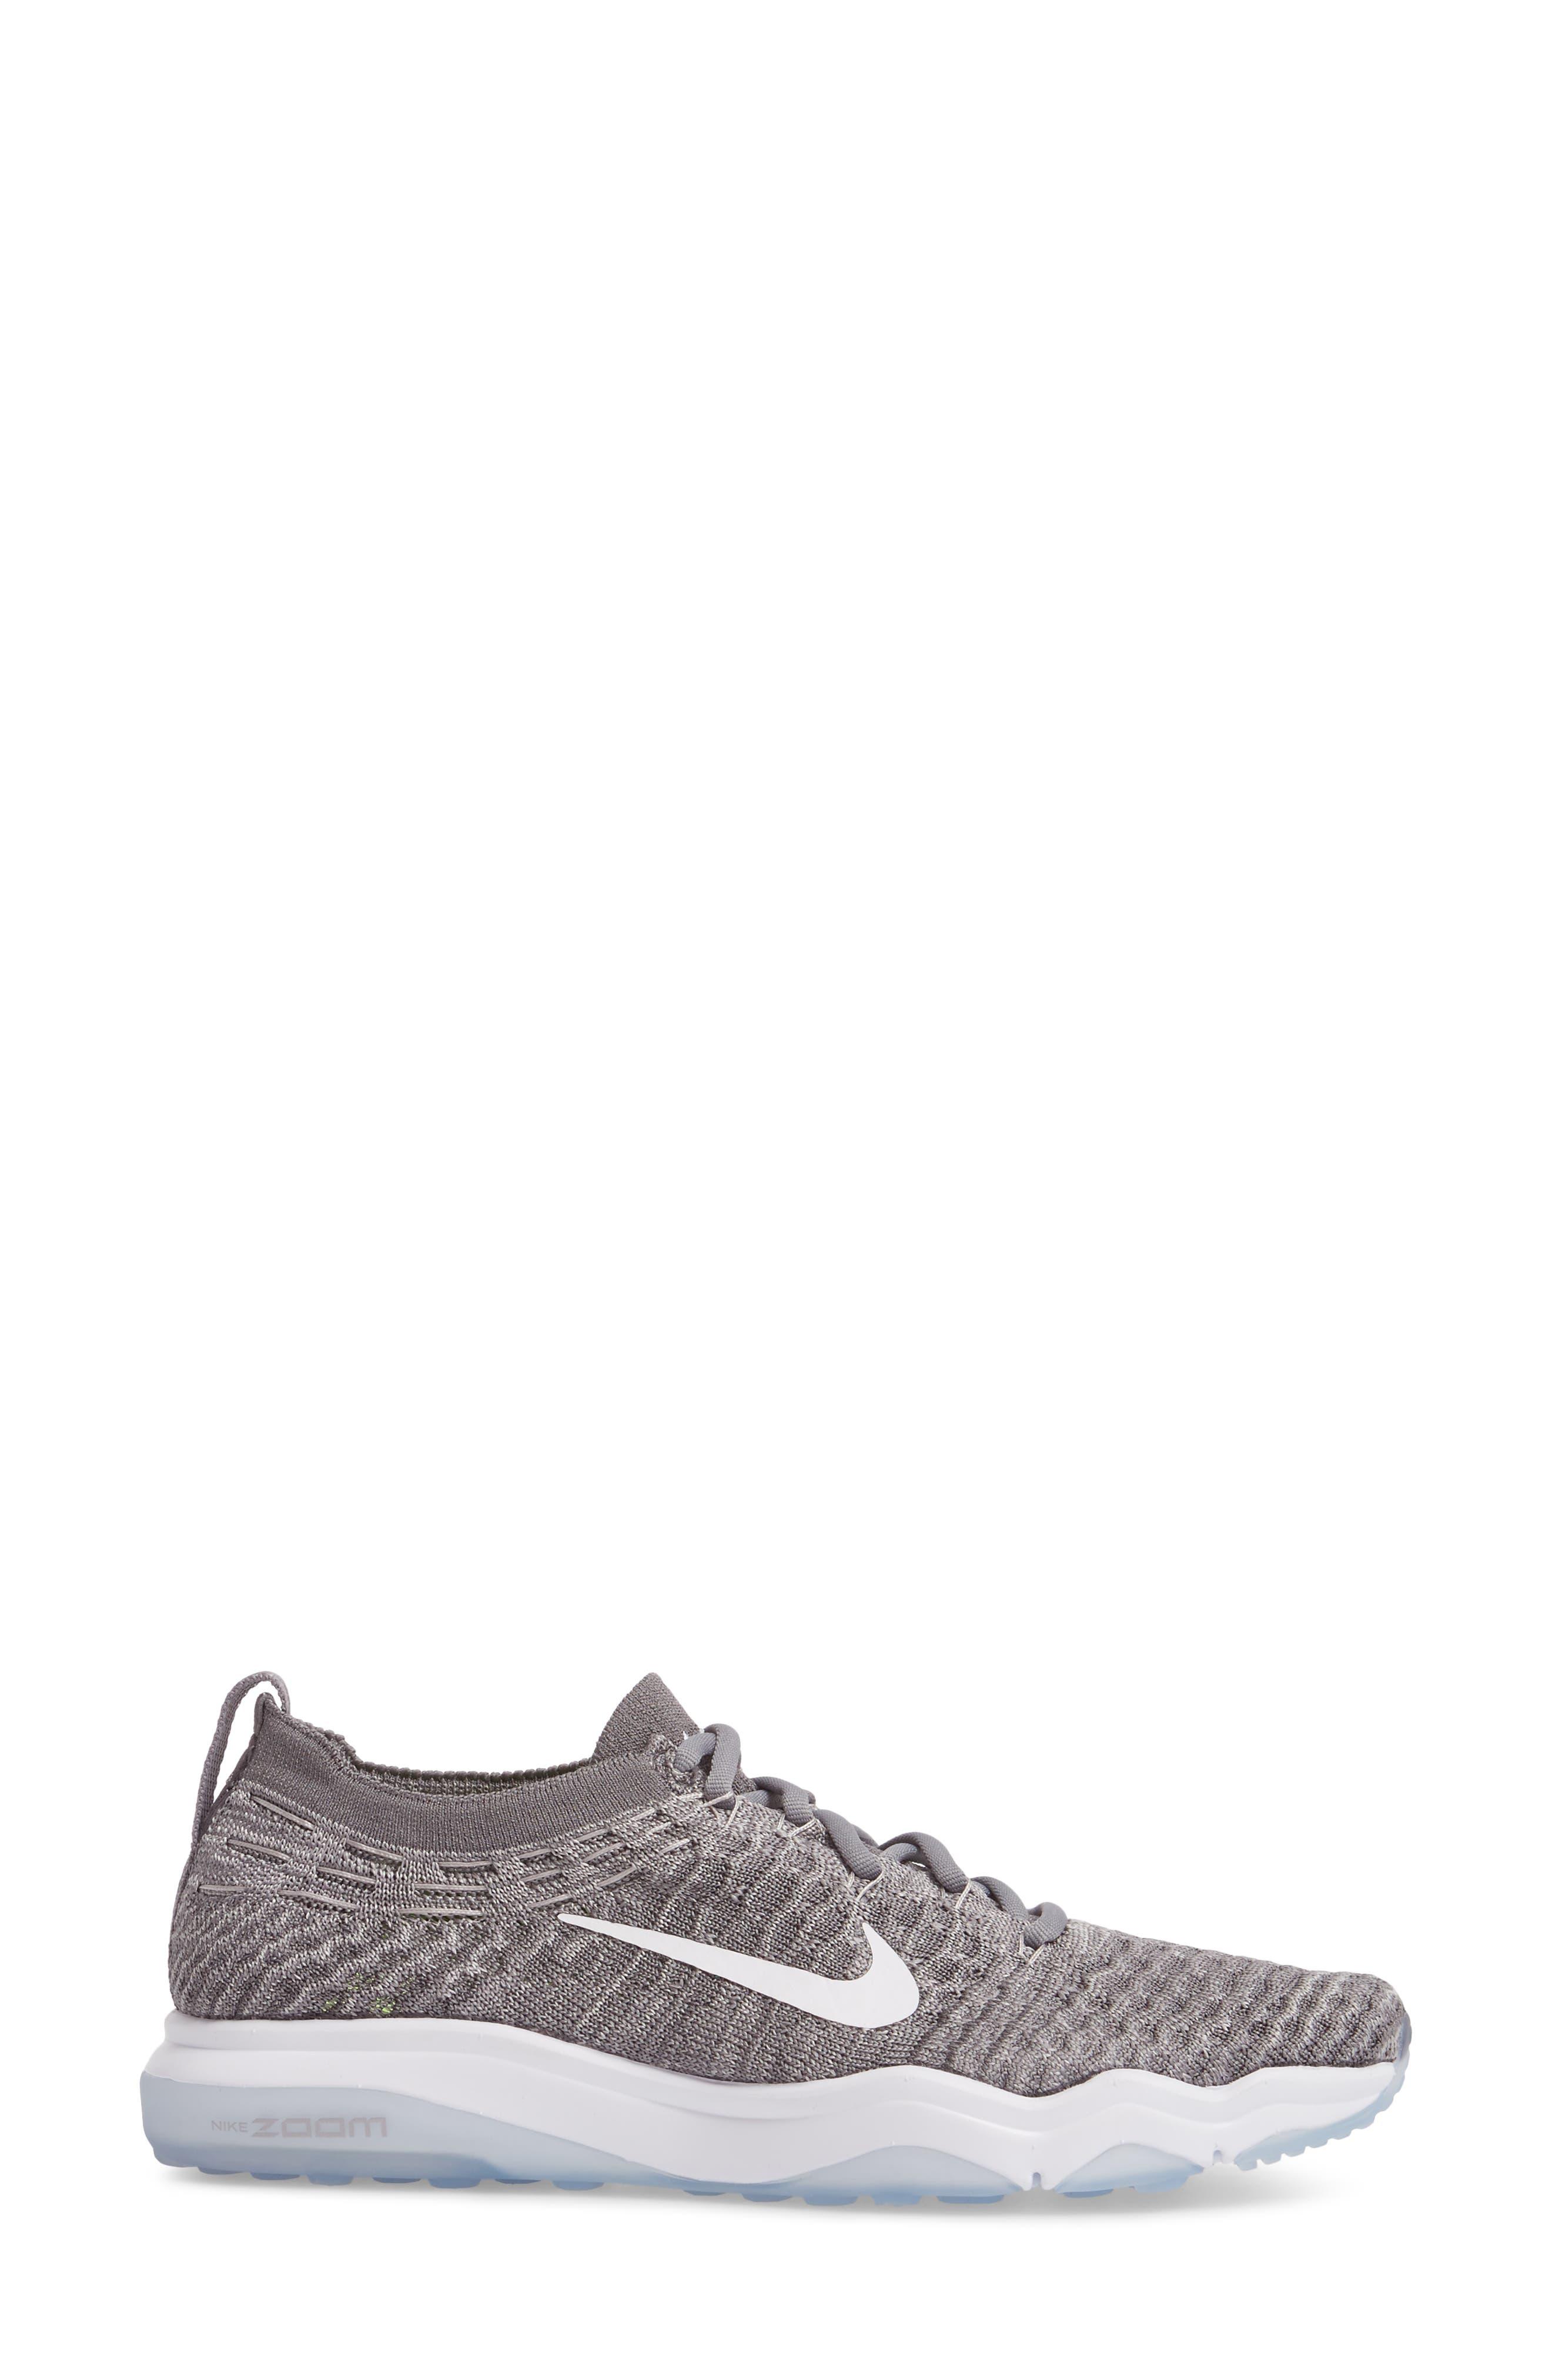 Alternate Image 3  - Nike Air Zoom Fearless Flyknit Lux Training Shoe (Women)